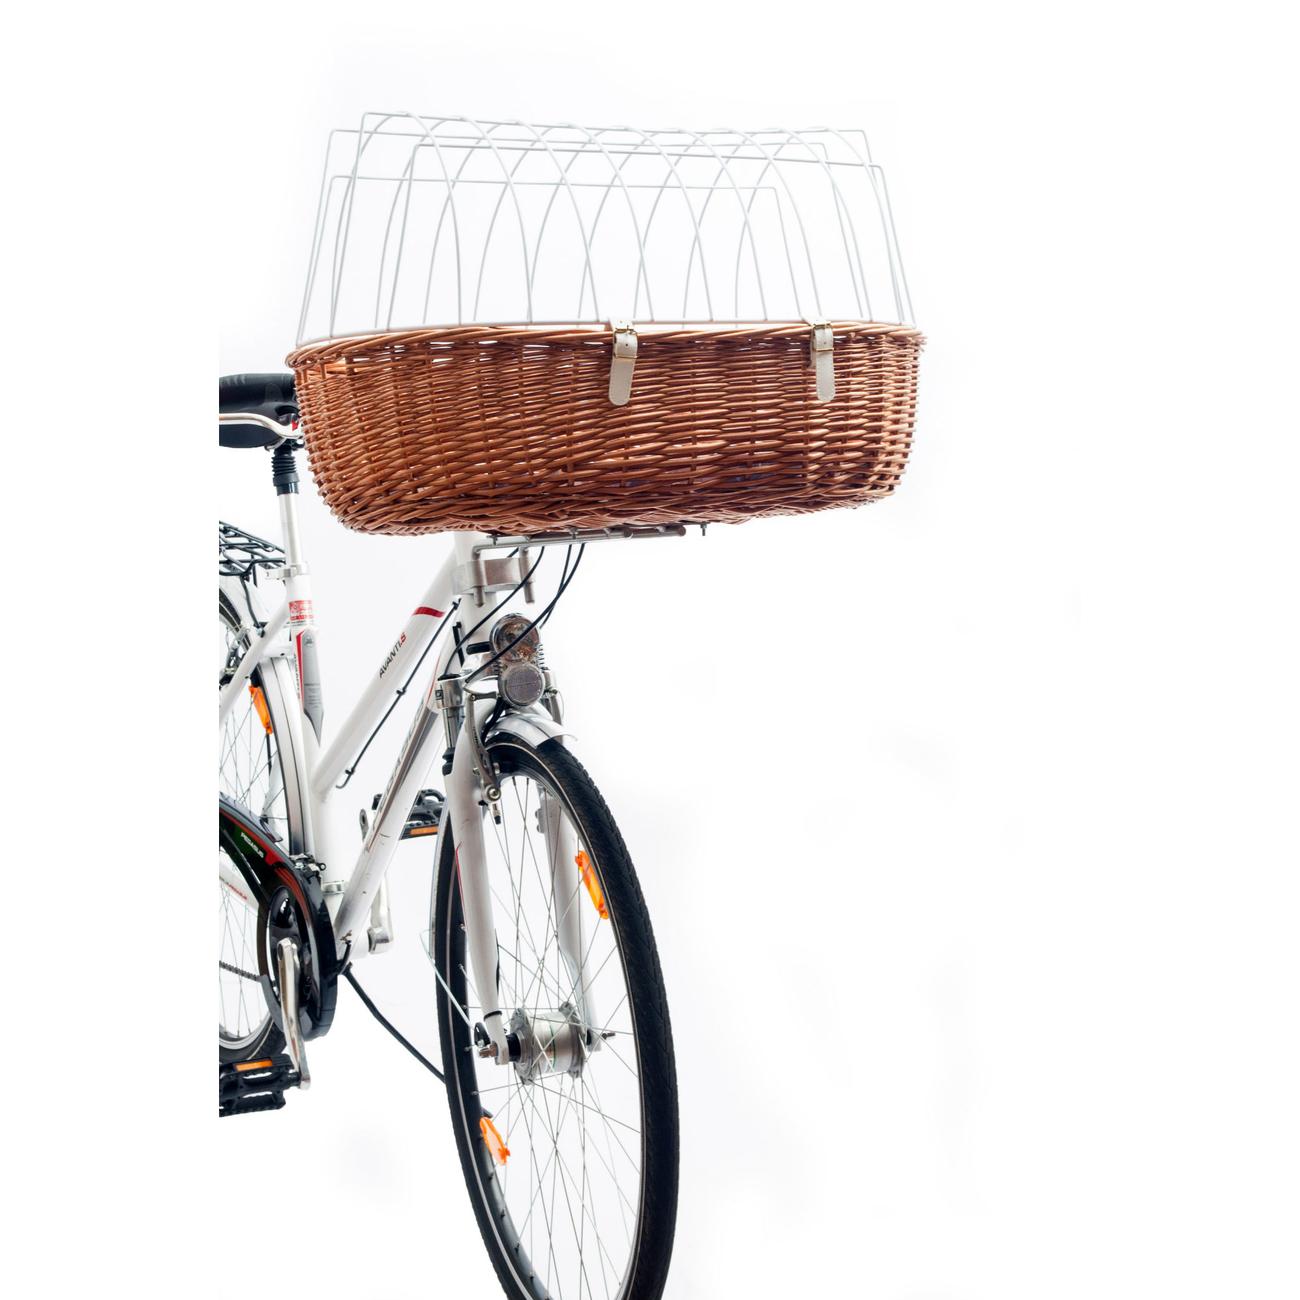 Aumüller Hundefahrradkorb Steuerkopfmontage vorne von Aumüller